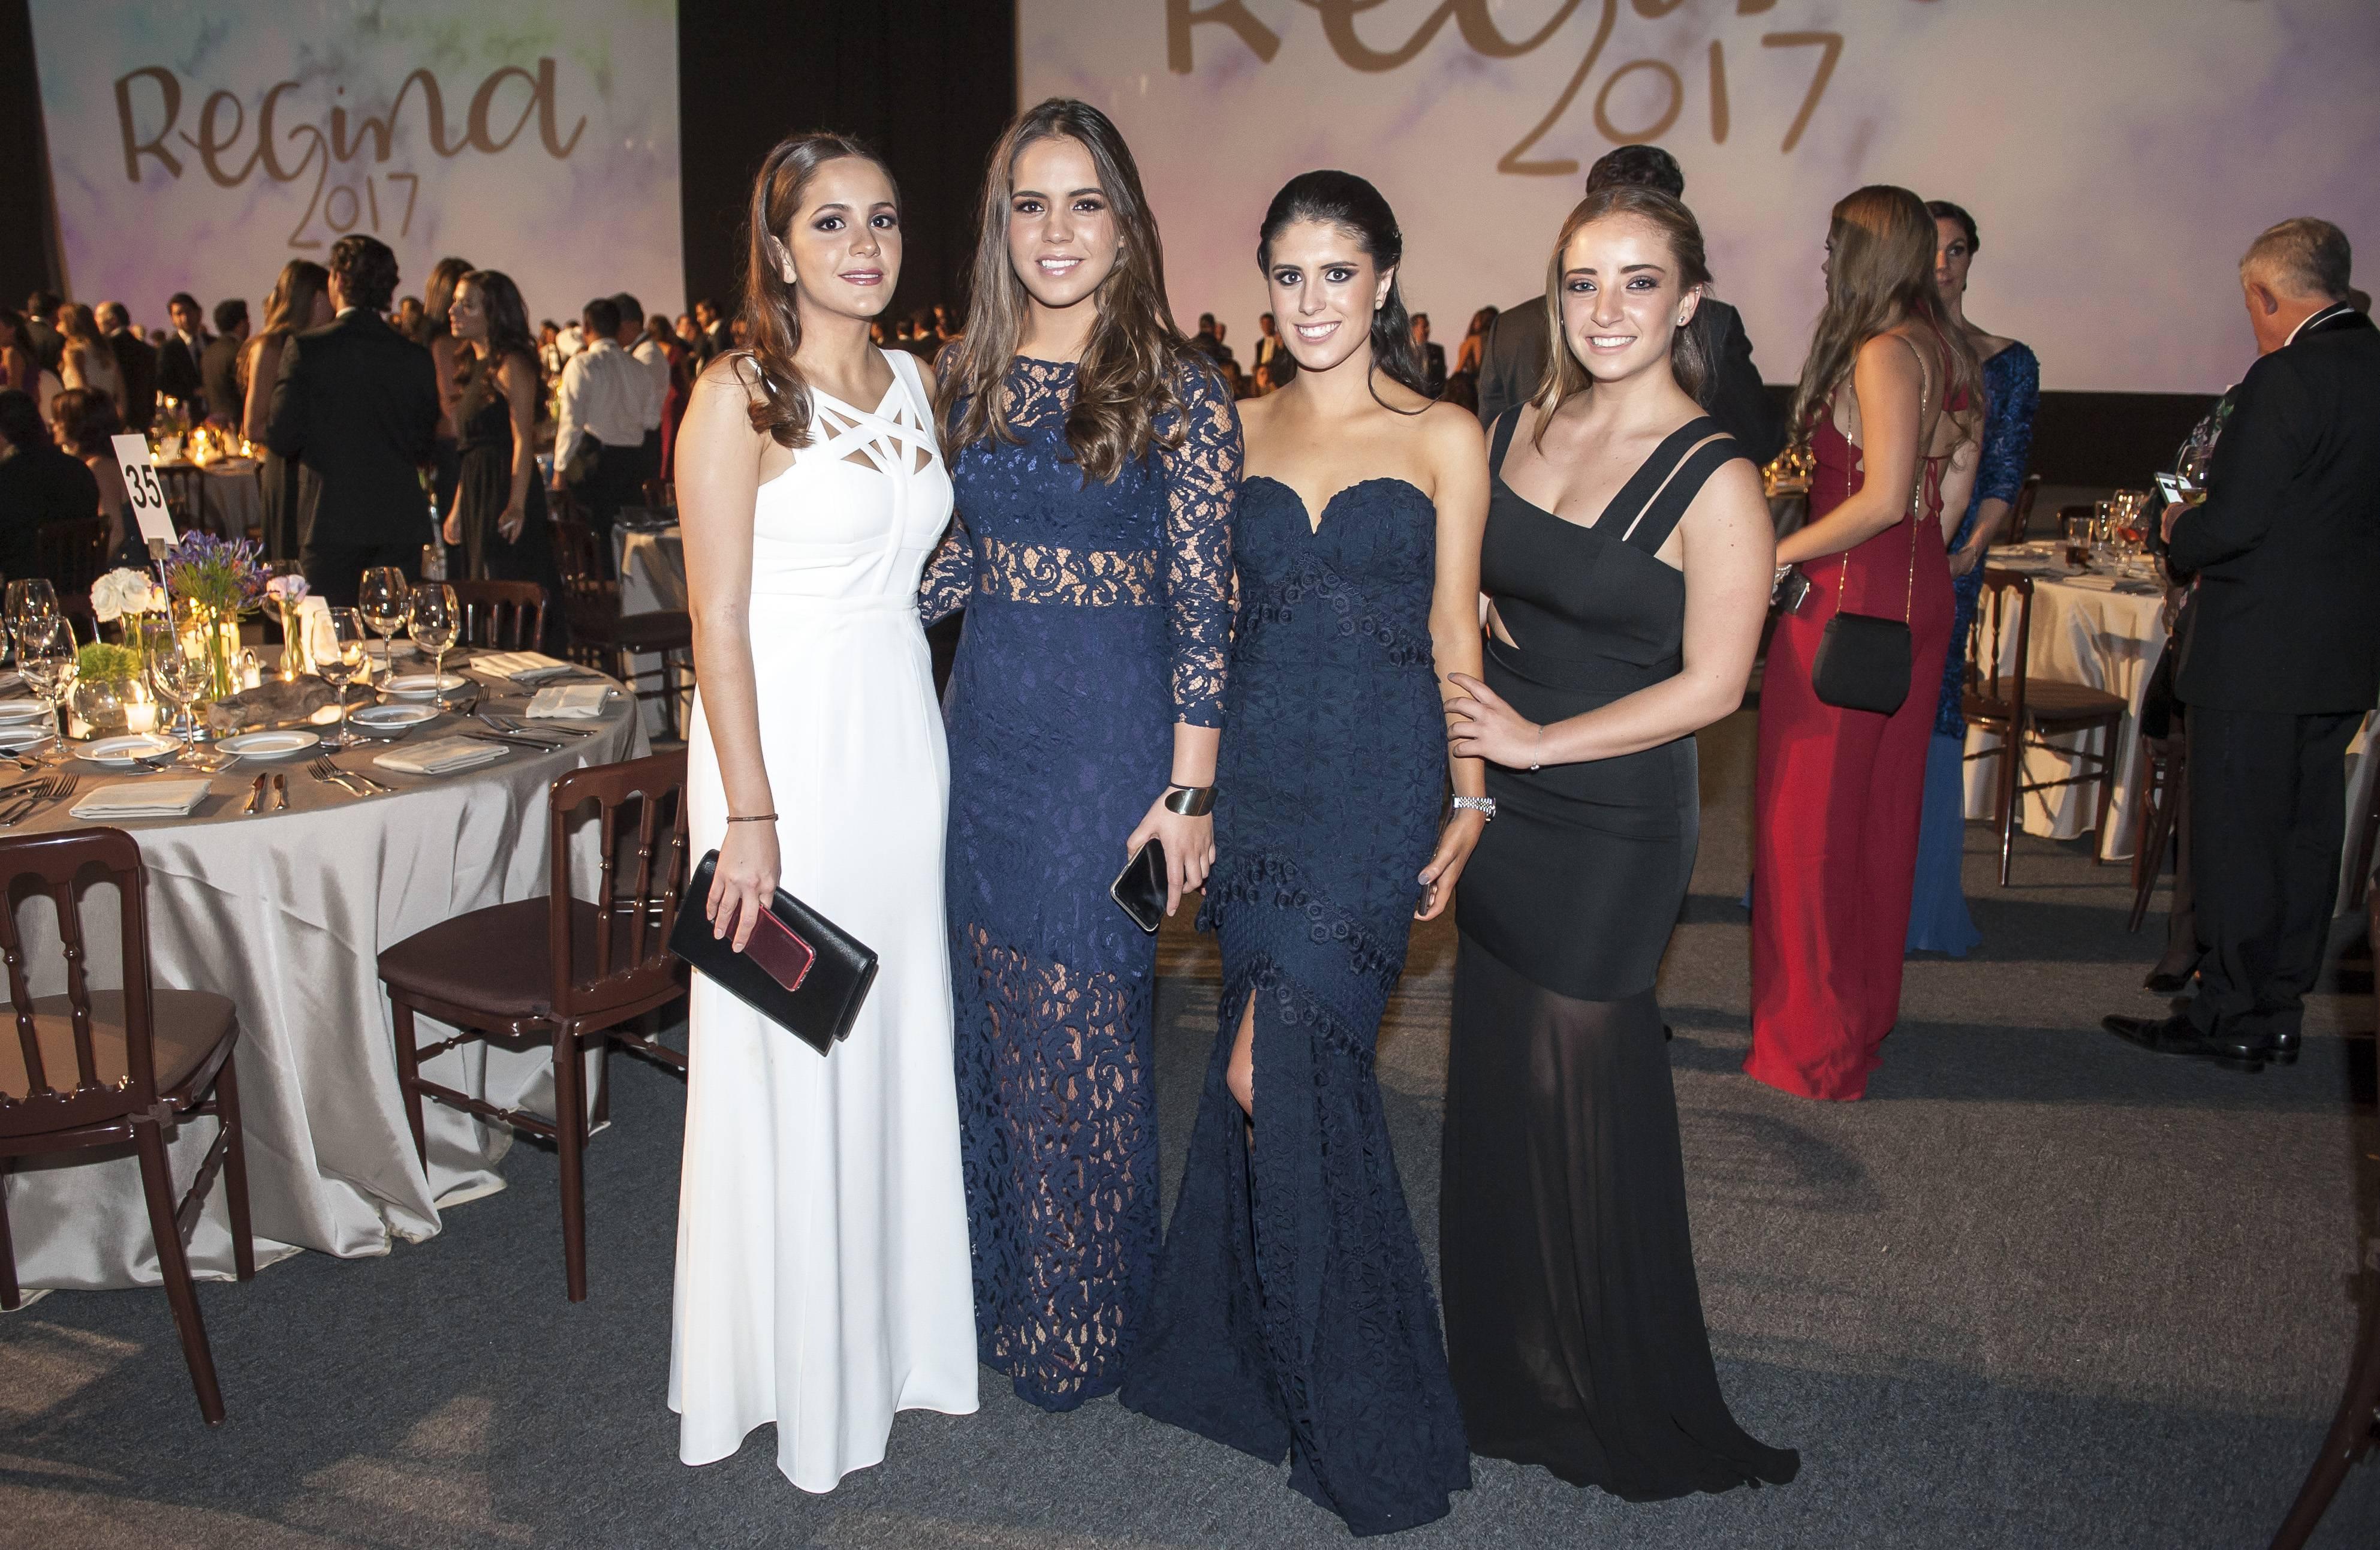 Ana Victoria Guevara, Regino Frestlo, Alina Morales y Paulina Villa JDS